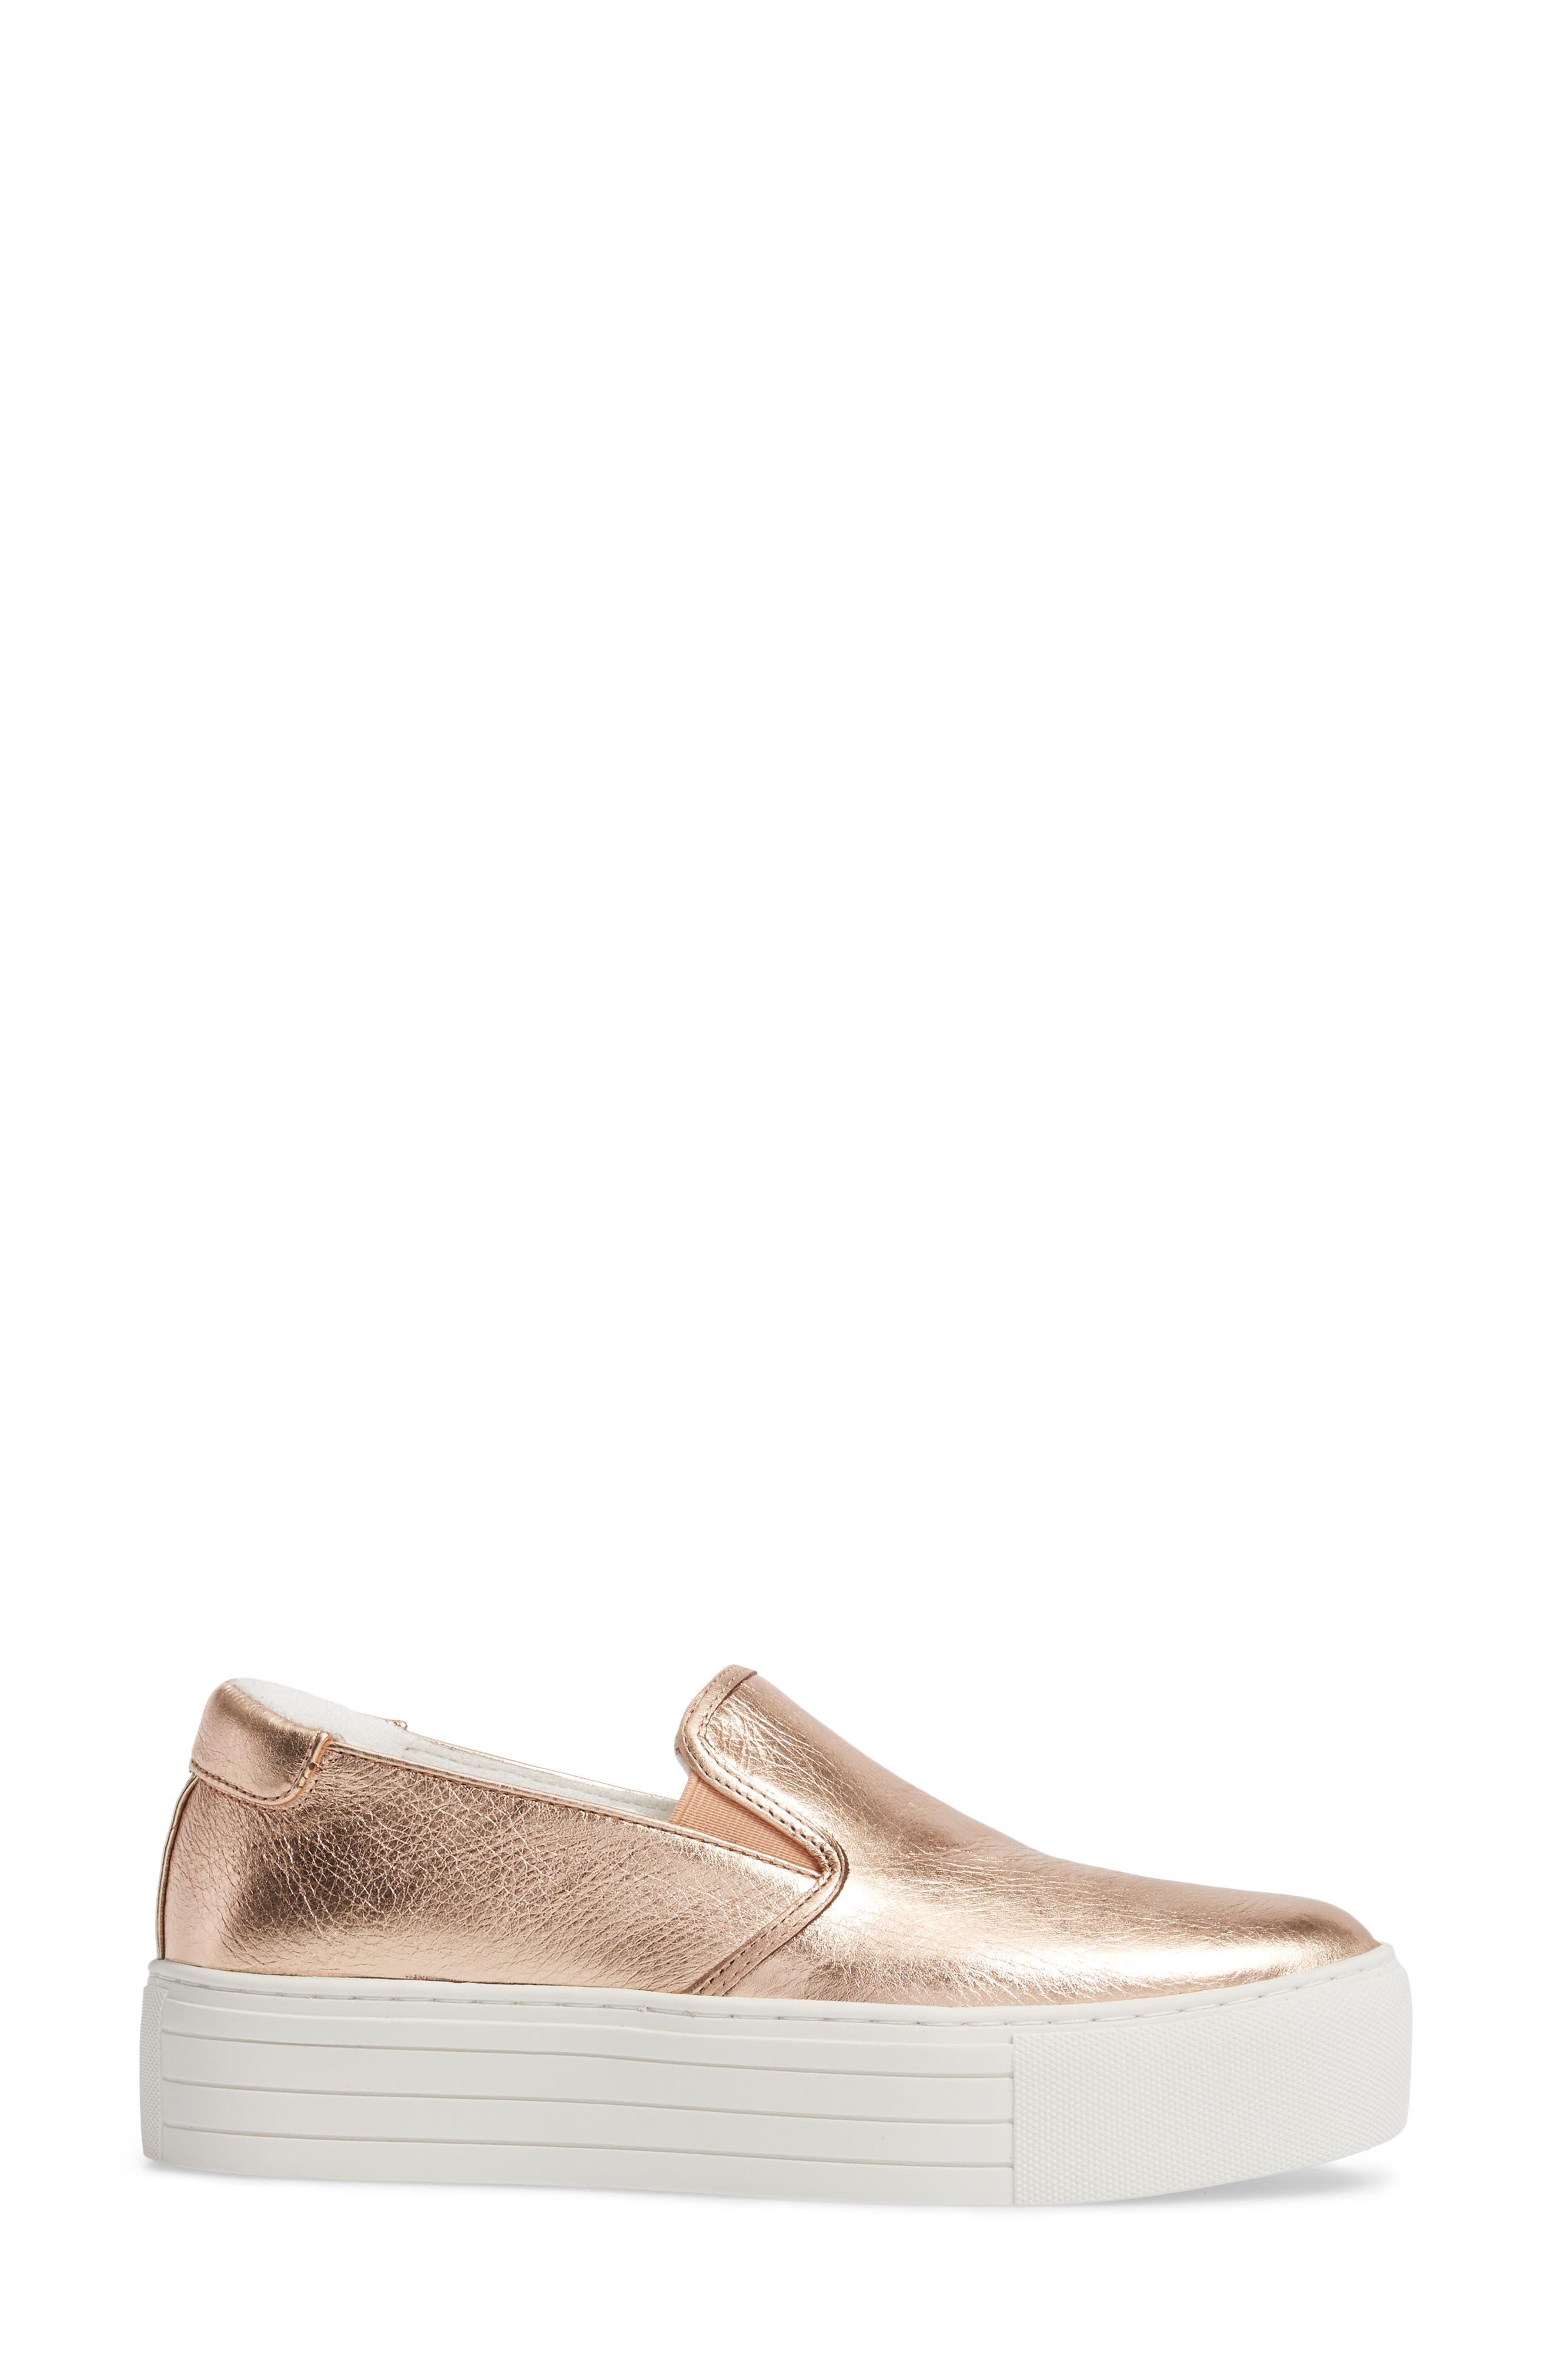 Joanie Slip-On Platform Sneaker,                             Alternate thumbnail 29, color,